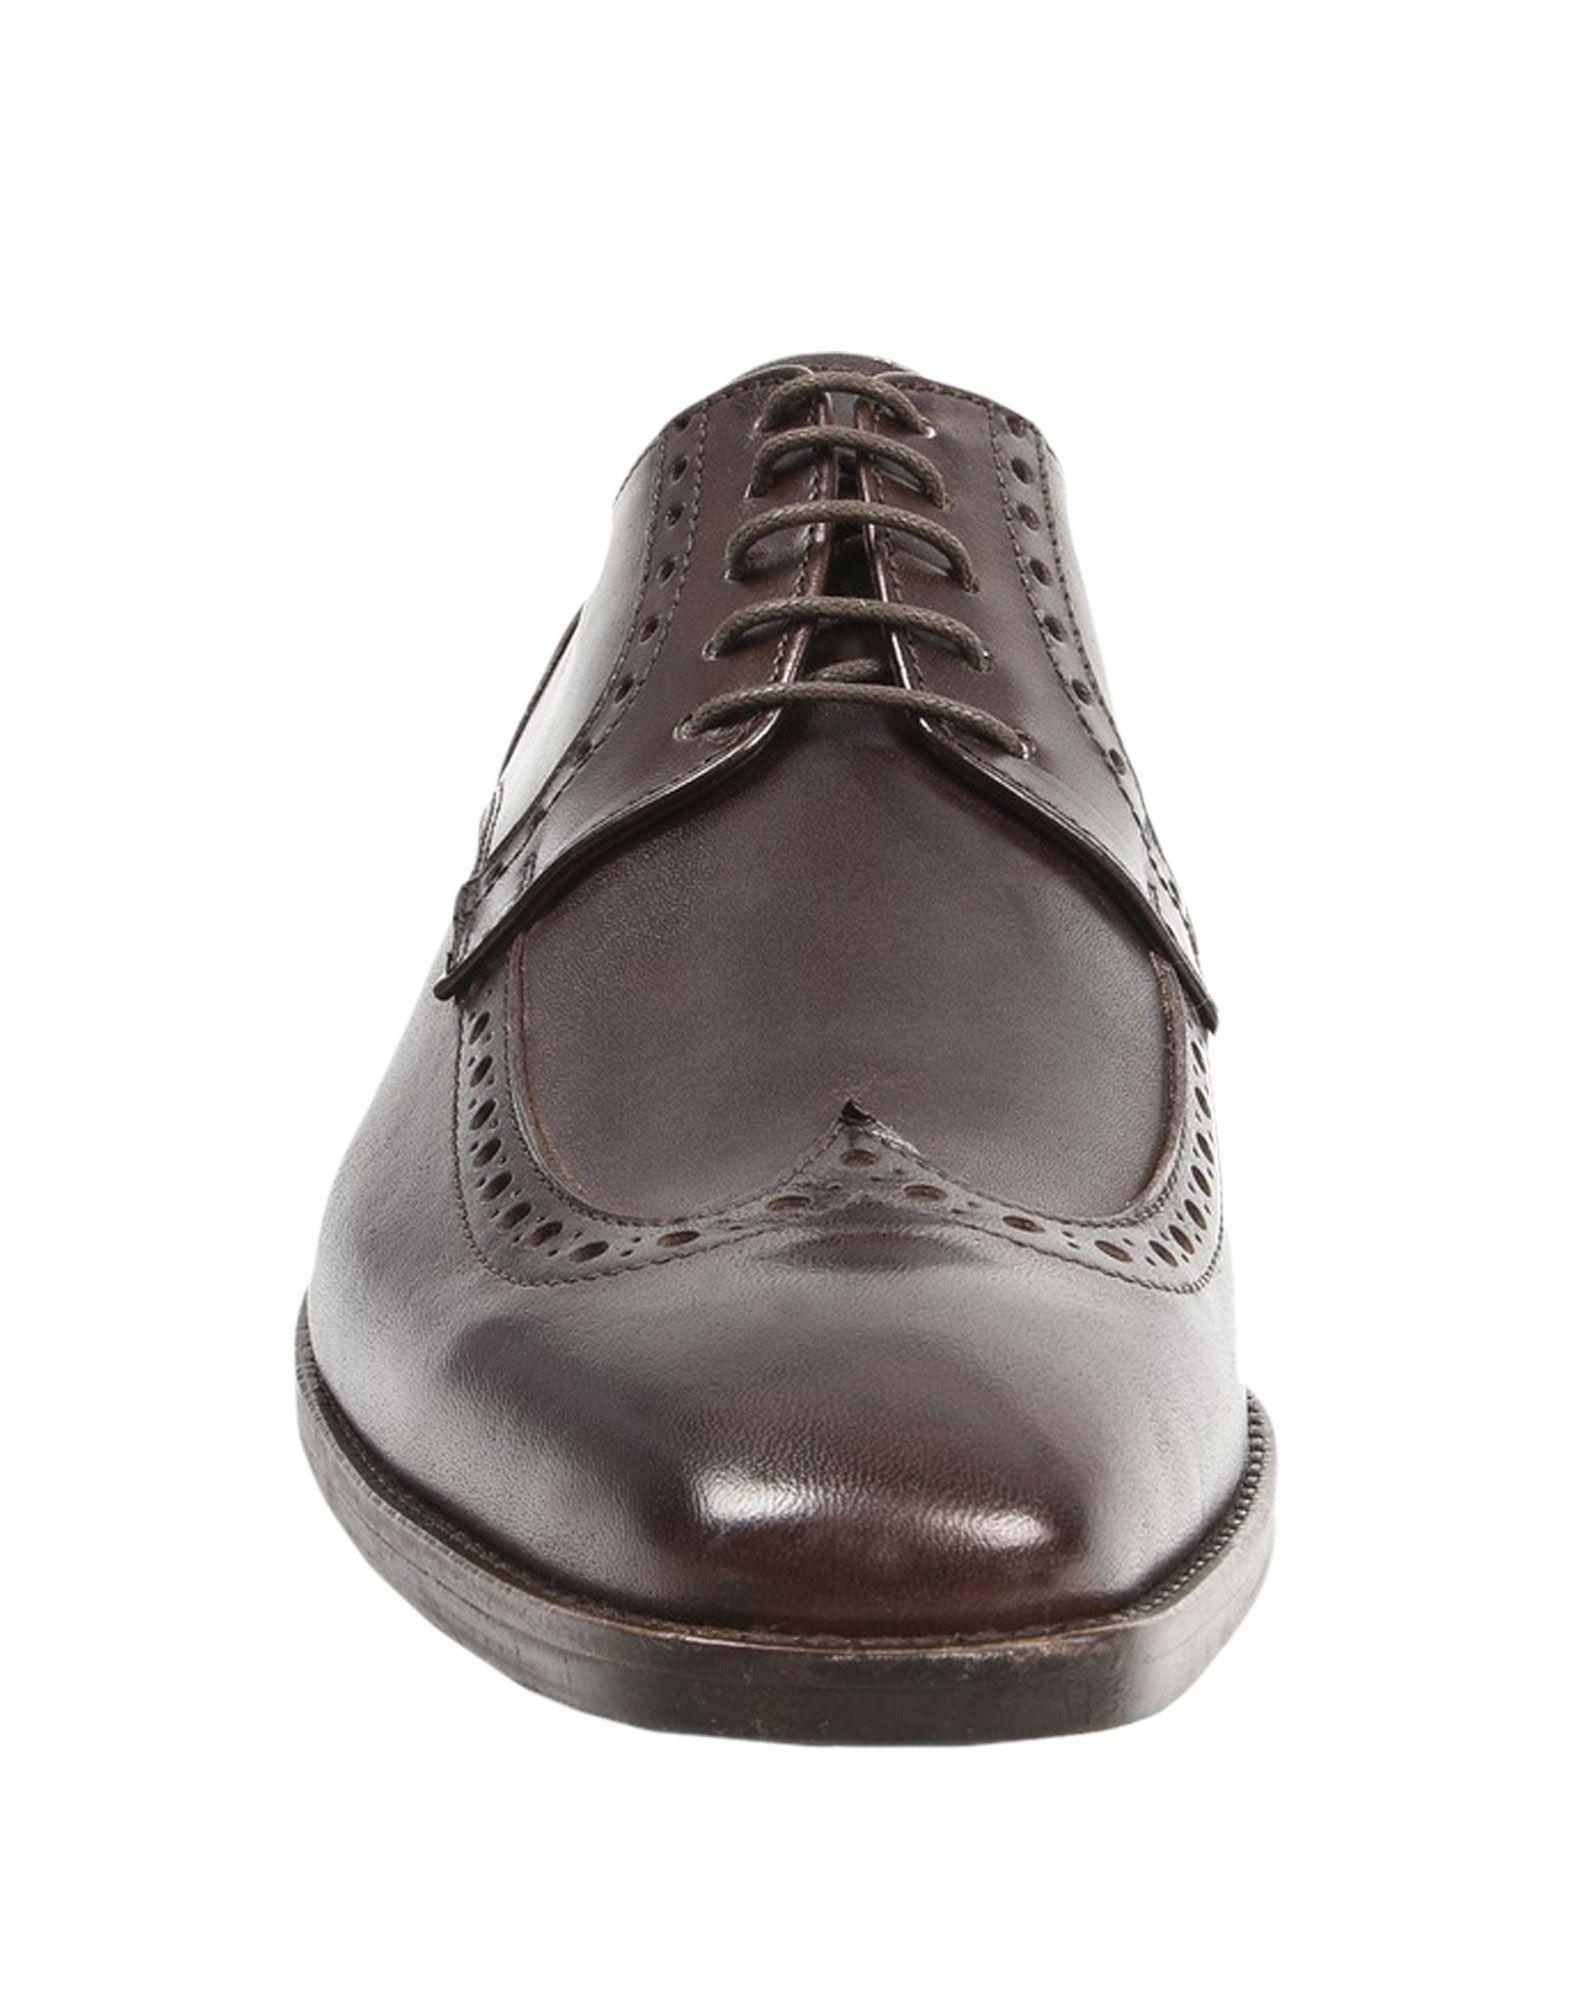 Rabatt echte Schuhe Derossi Derossi Schuhe Italia Schnürschuhe Herren 11527522XL 99b56d